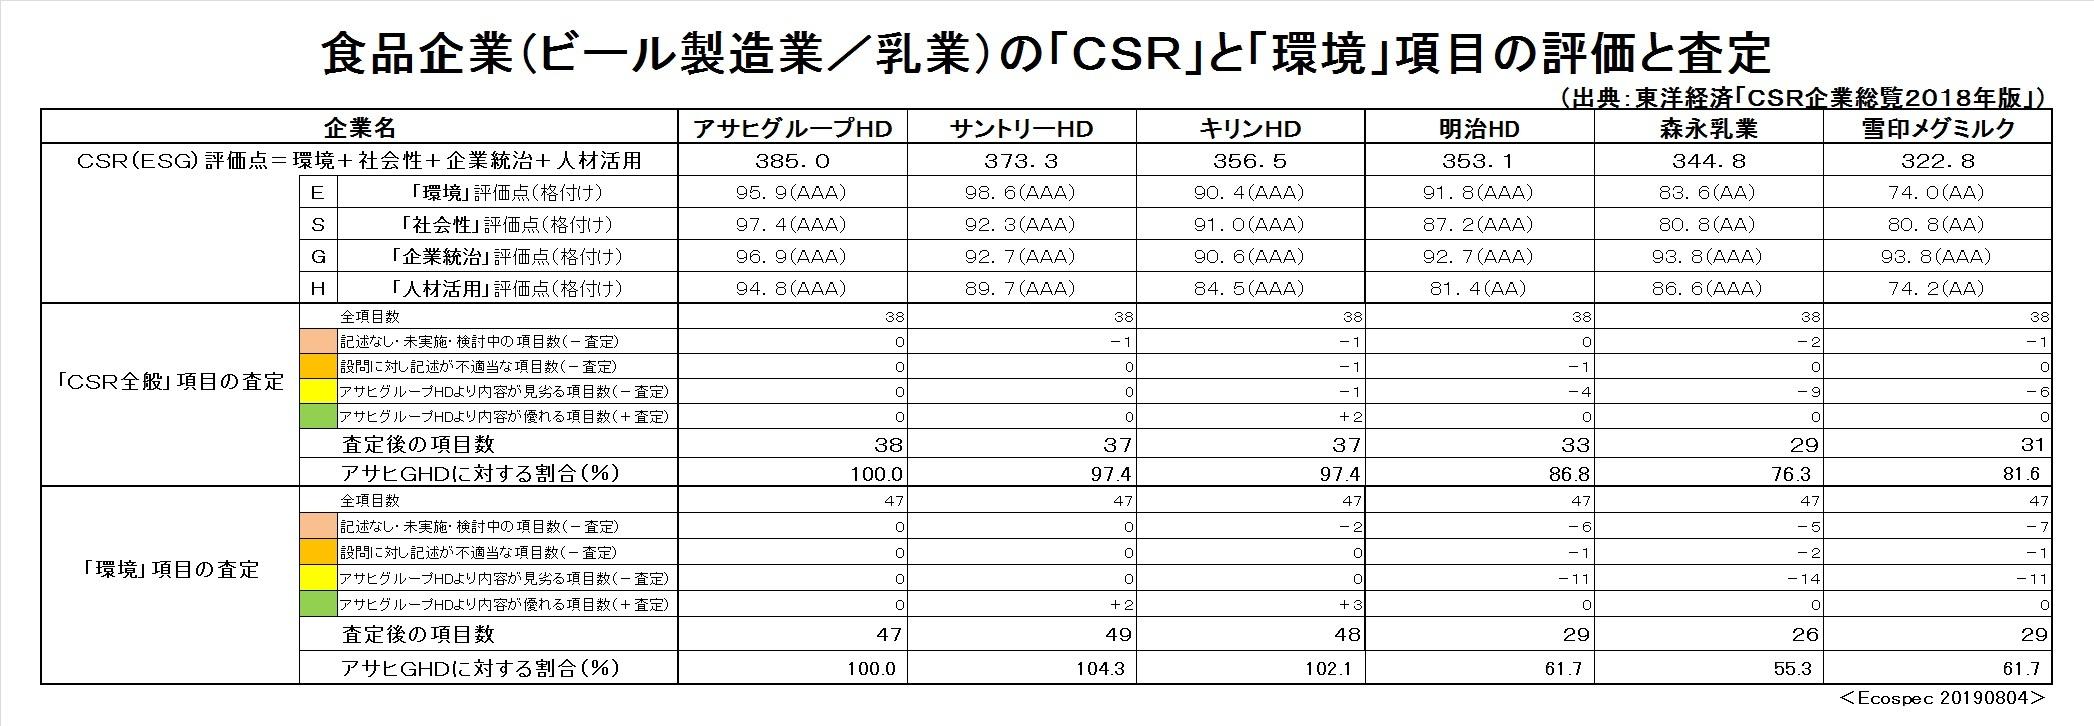 大手食品企業のCSRの第三者評価と先進的な対応Ⅲ(サステナビリティー、SDGs、ESG、CSV)_e0223735_12431488.jpg